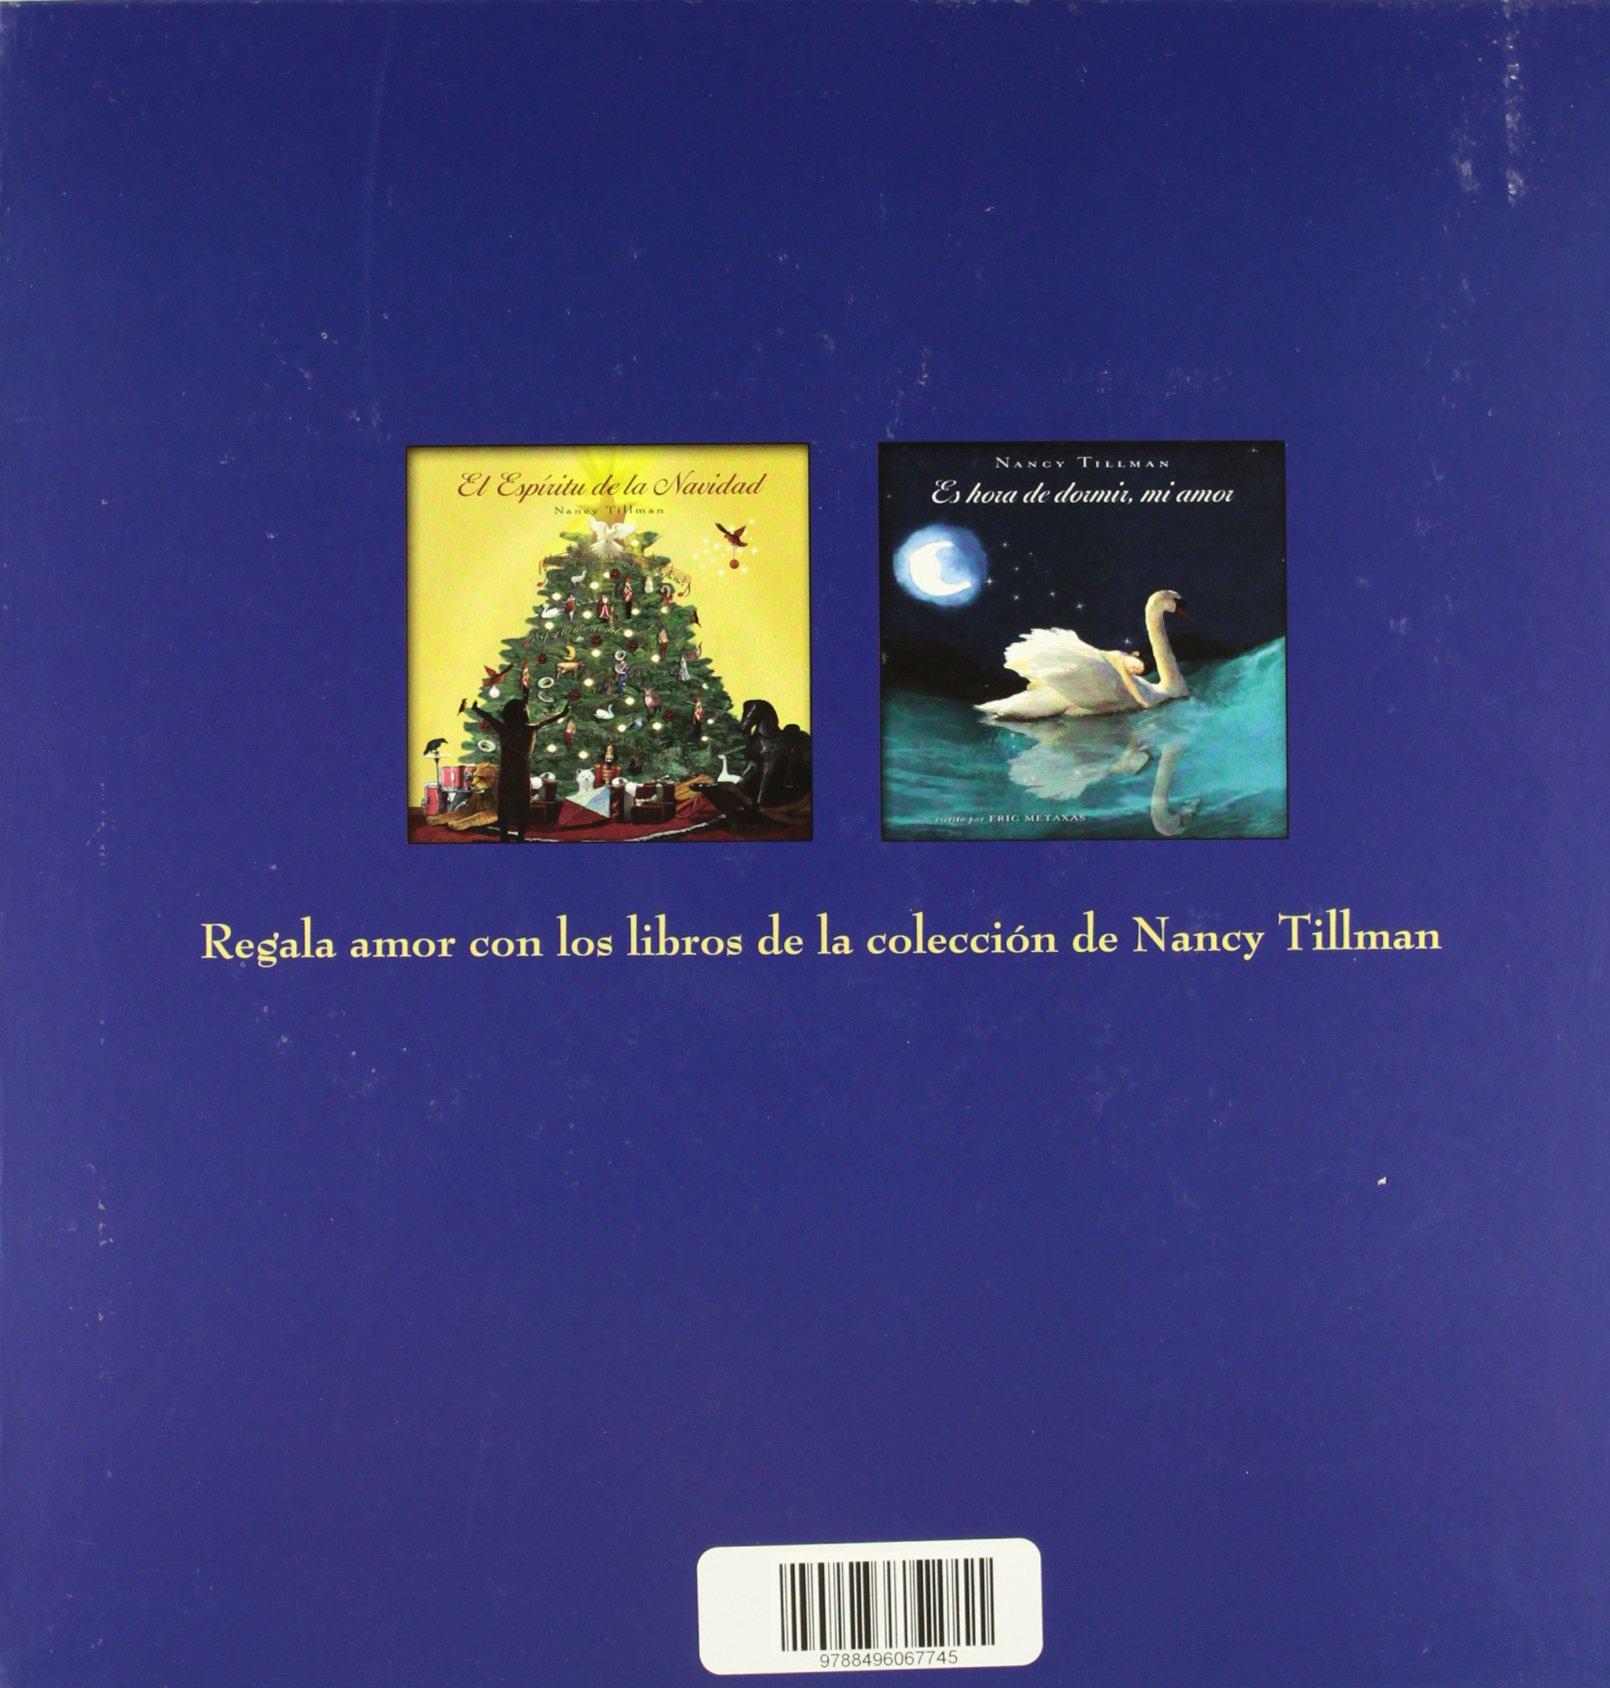 Donde quiera que estés mi amor te encontrará: Nancy Tillman: 9788496067745:  Amazon.com: Books